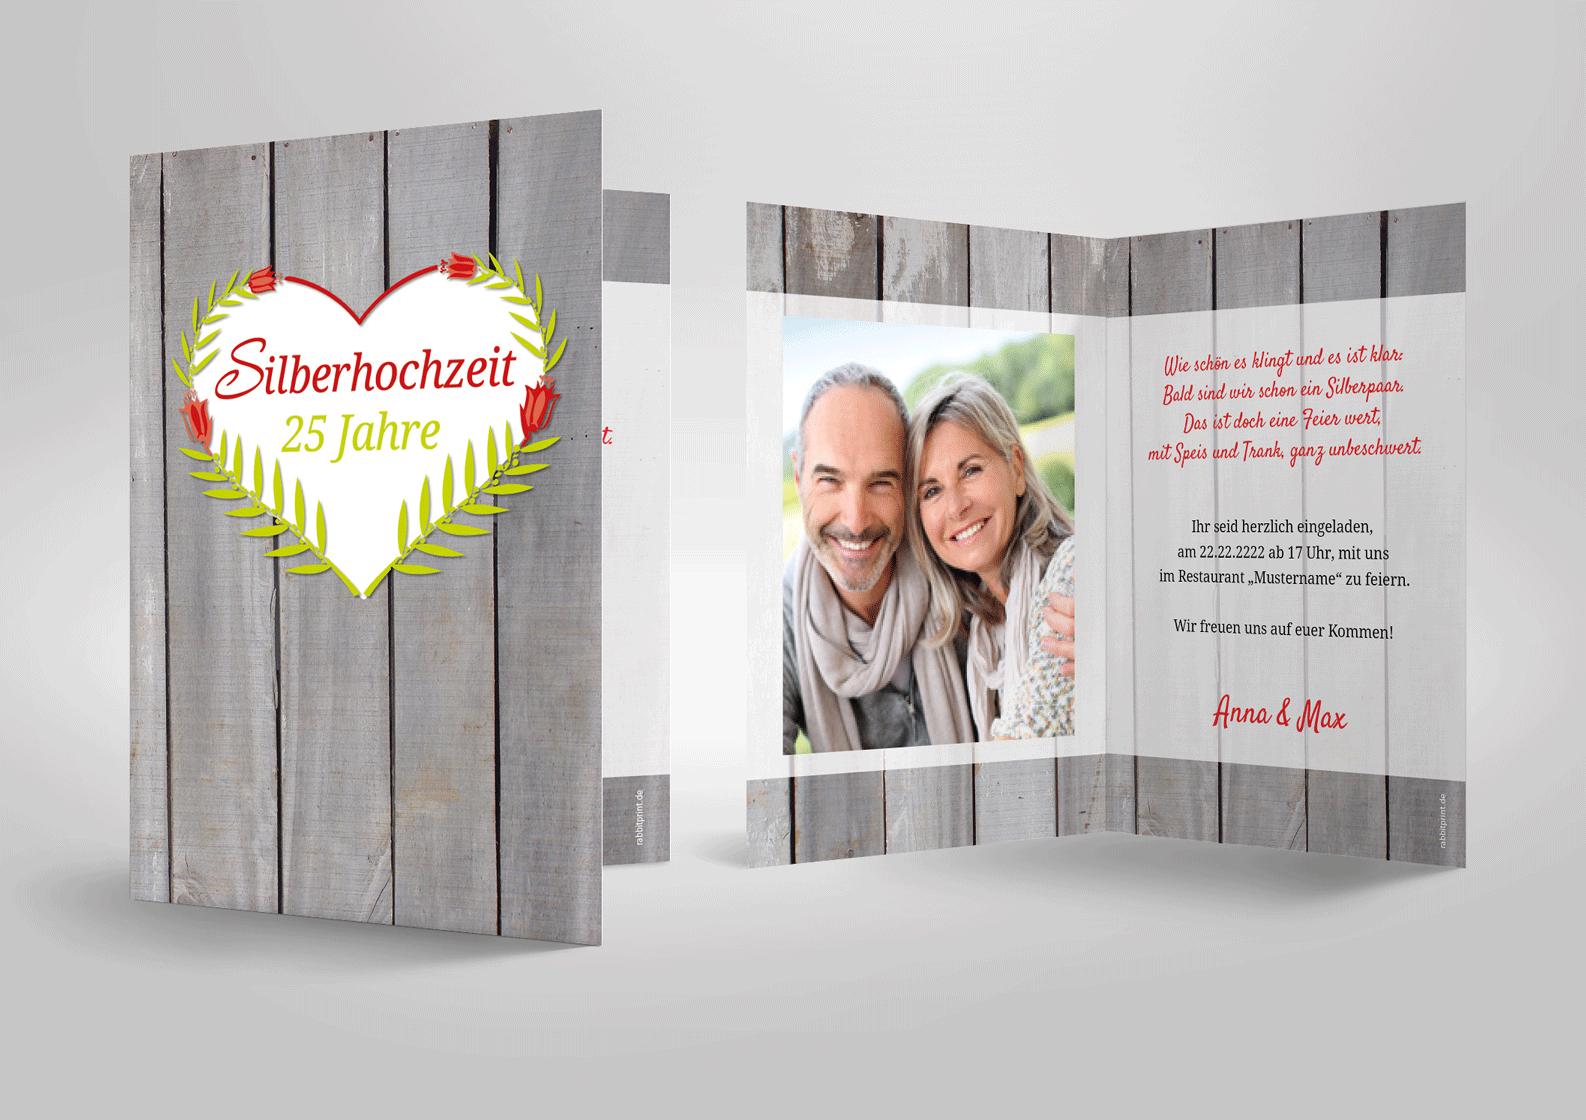 Aussergewohnliche Einladung Zur Silberhochzeit Herz Auf Holz Sehr Modern Einladungskarten Silberhochzeit Silberhochzeit Einladungskarten